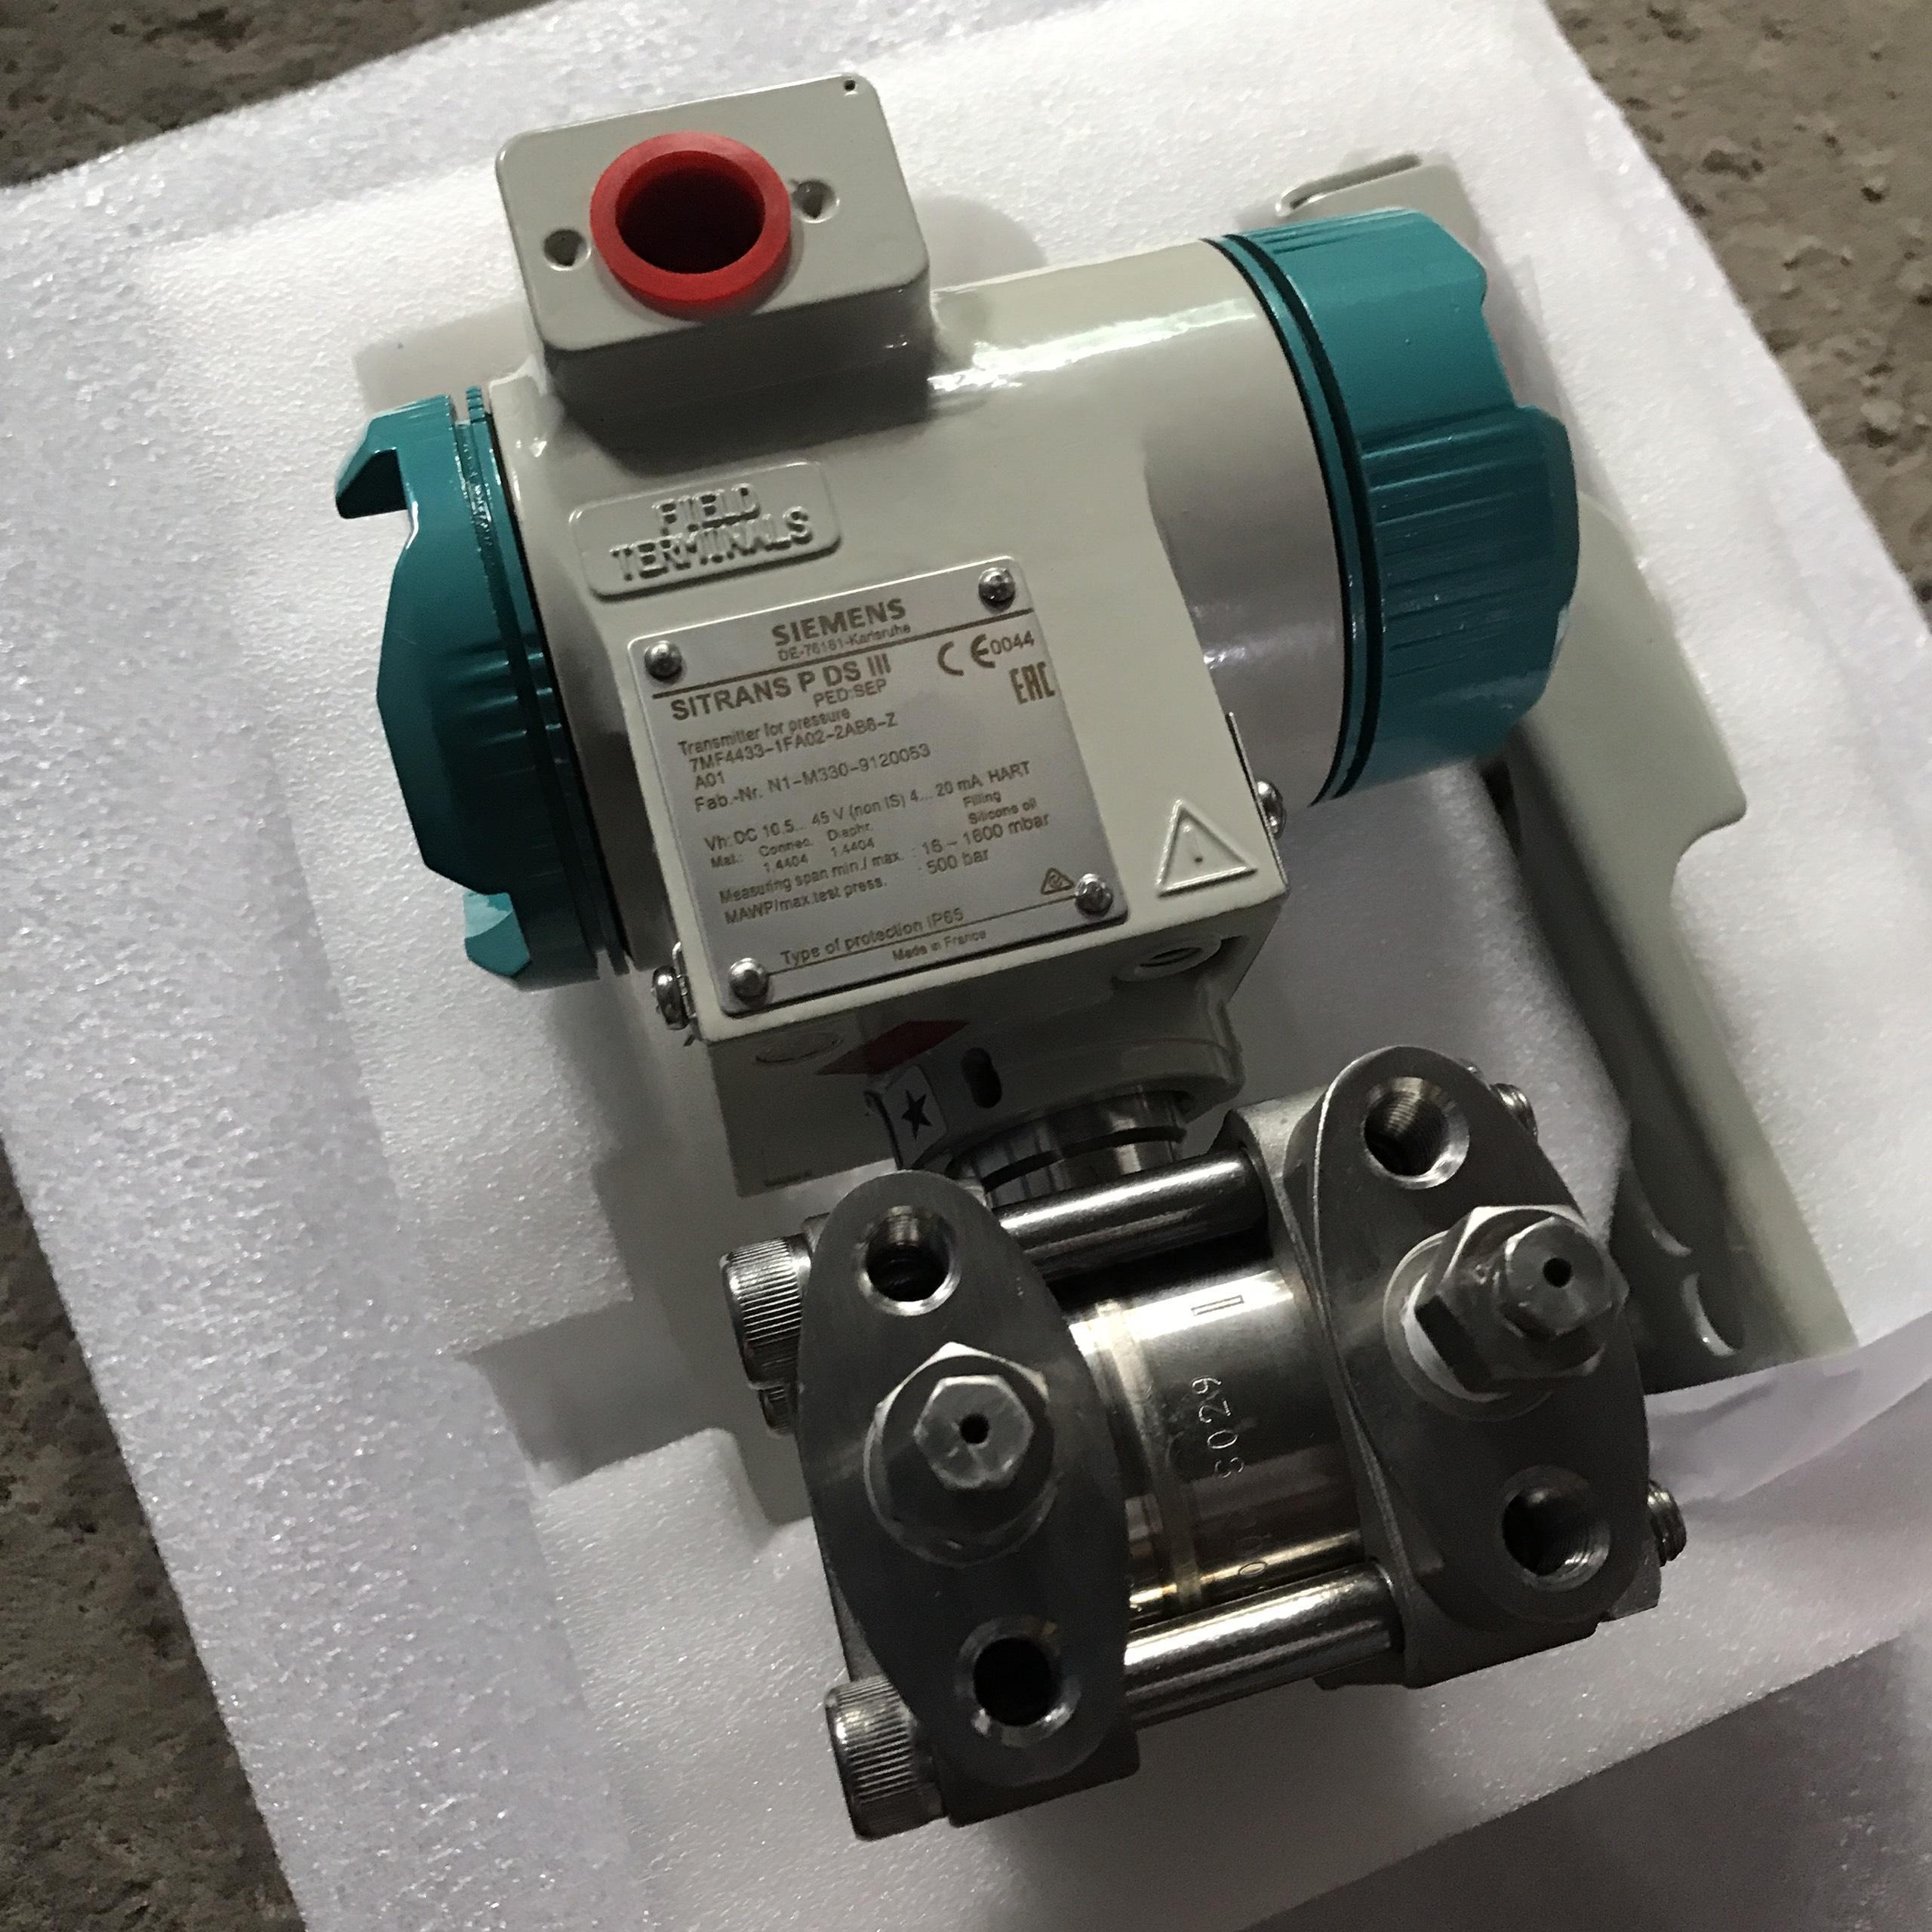 Bộ đo lưu lượng nước qua tổ máy 7MF4433-1FA02-2AB6-Z qưeqwe